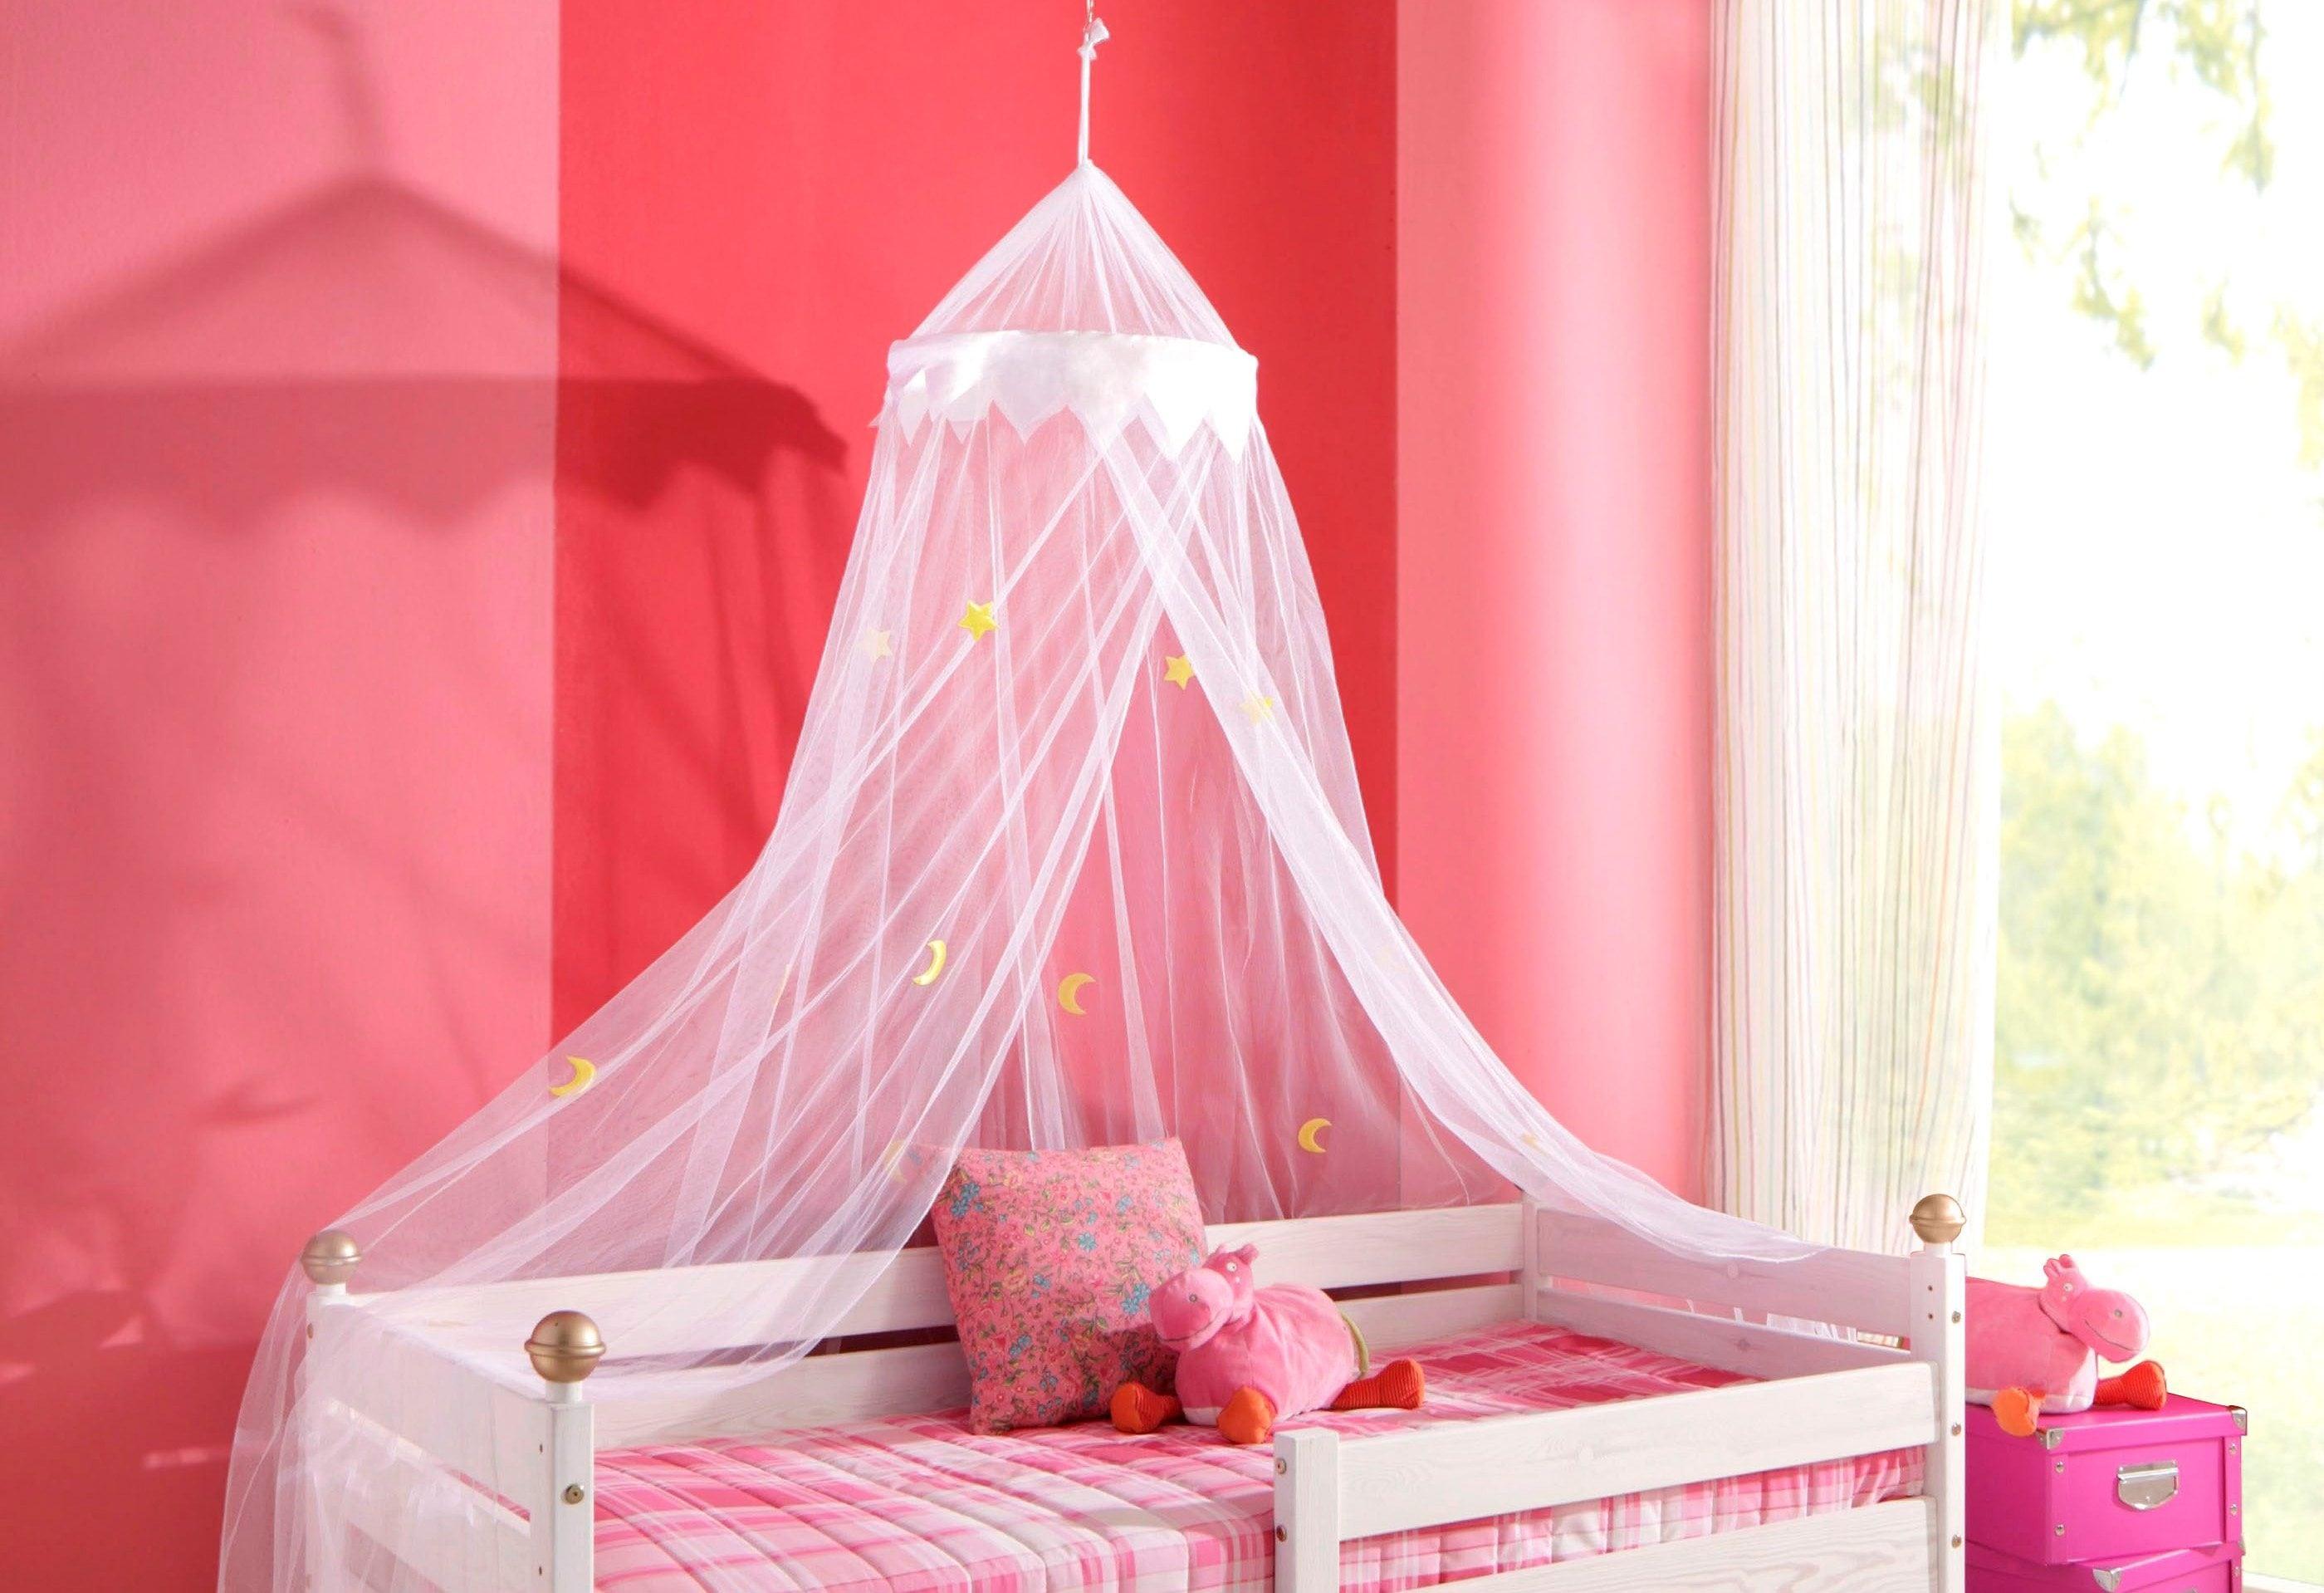 Silenta Betthimmel Wohnen/Möbel/Kindermöbel/Kindermöbel/Kinderbetten/Zubehör für Kinderbetten